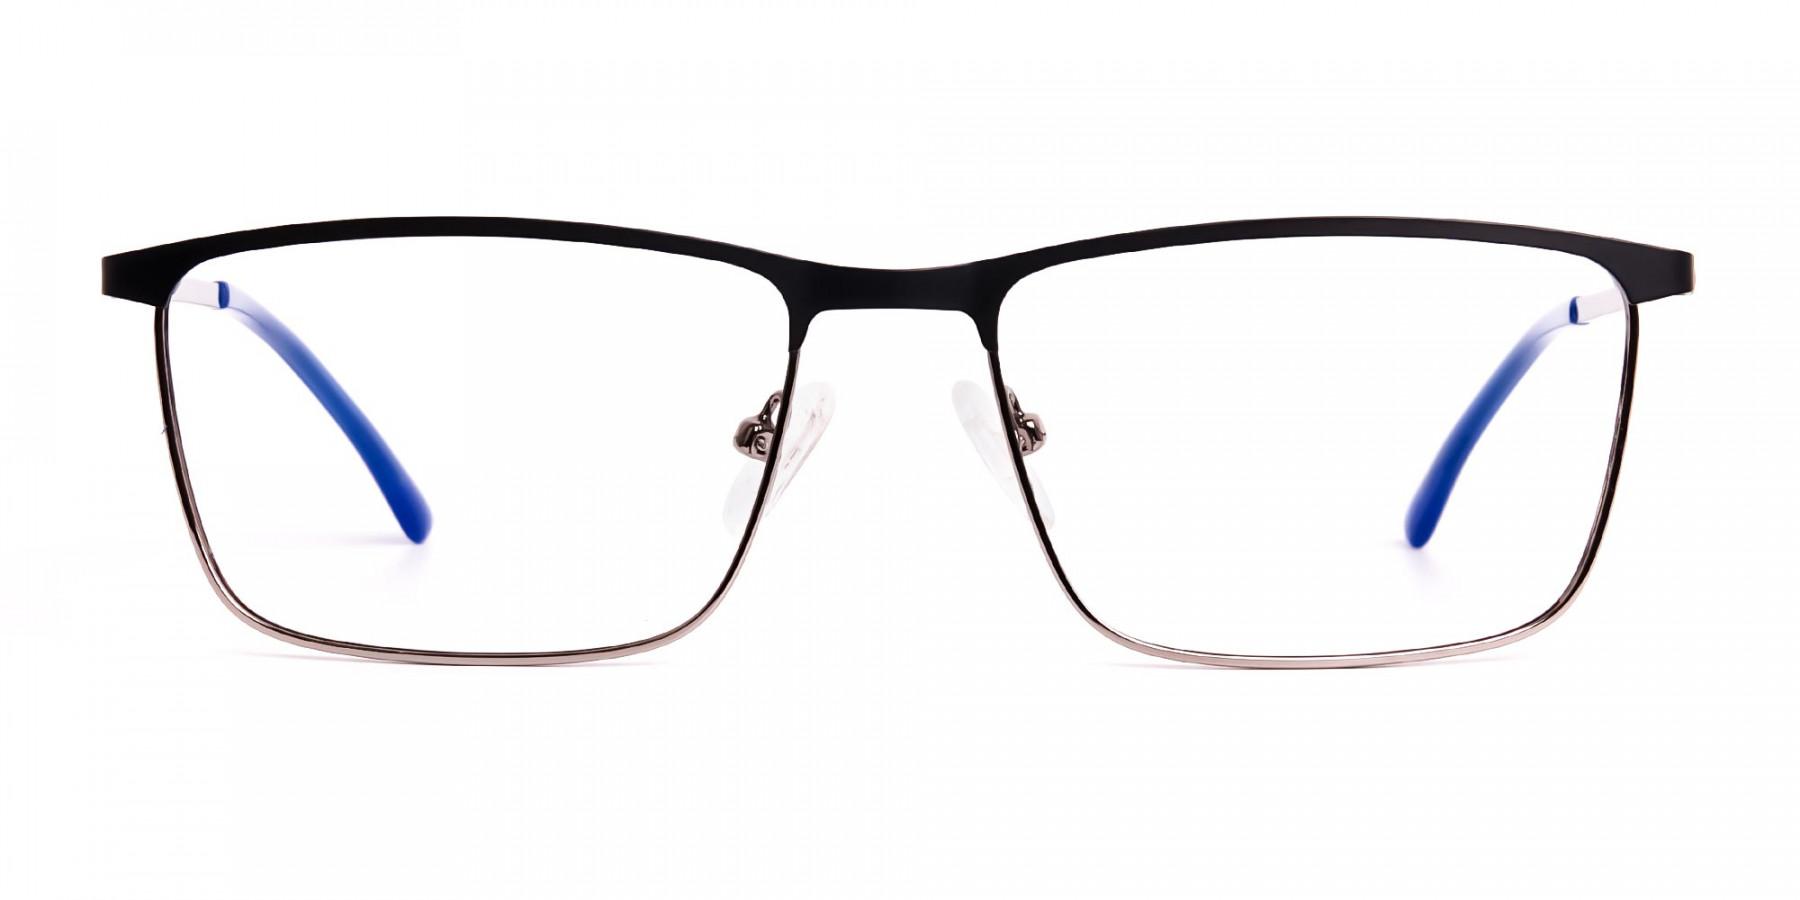 black-and-blue-gunmetal-rectangular-full-rim-glasses-frames-1